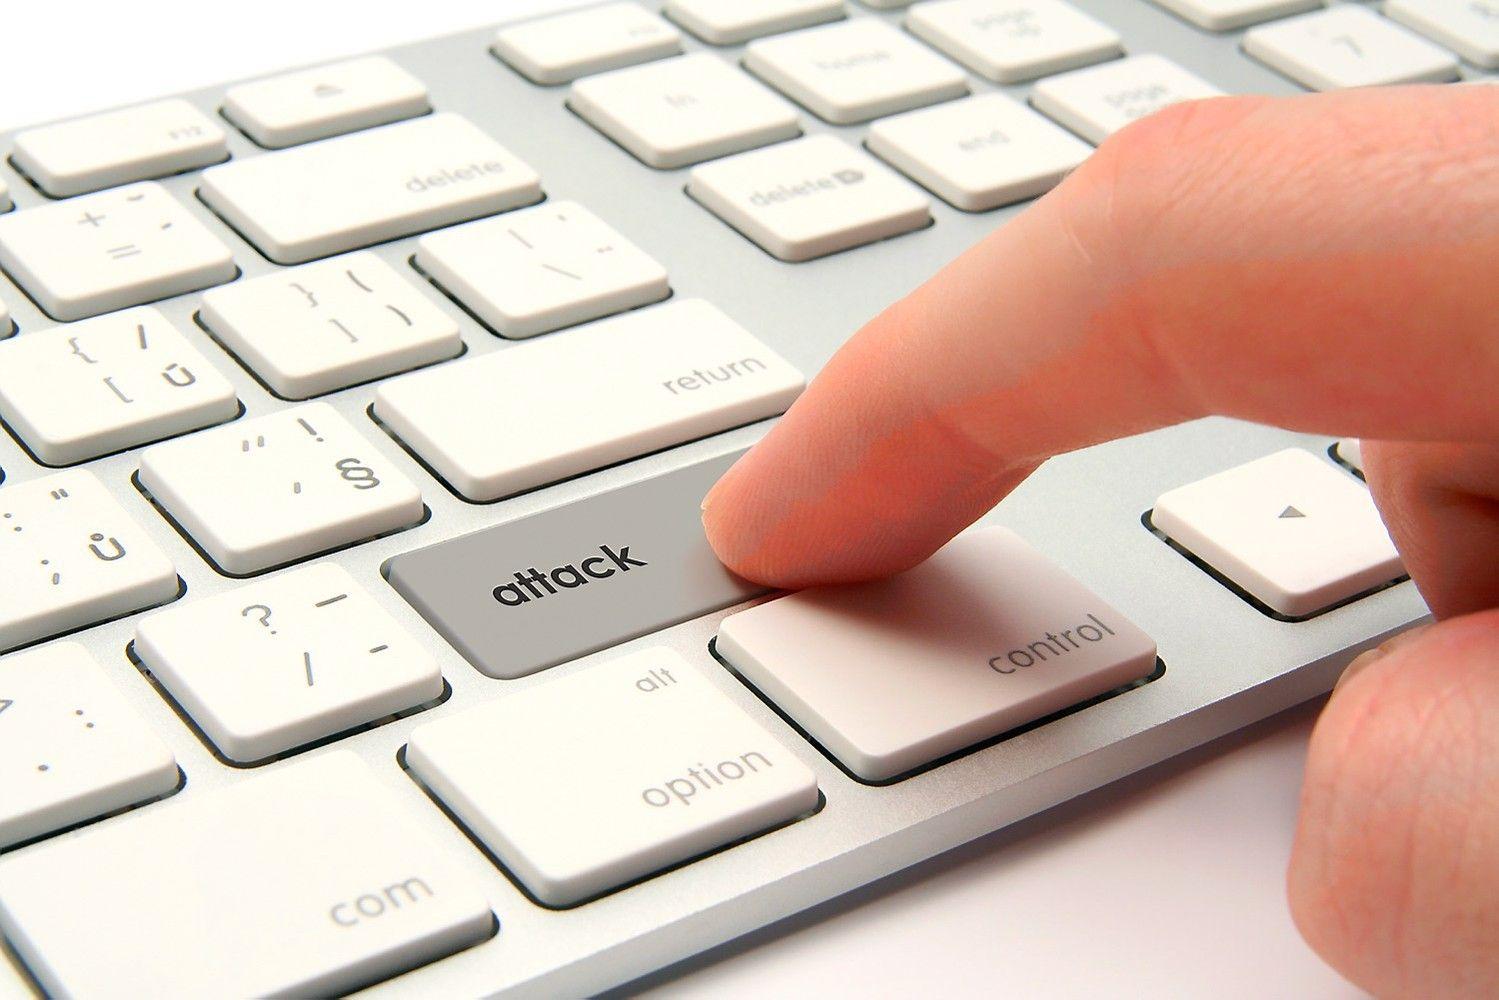 Didelės kibernetinės atakos žala prilygtų uraganui